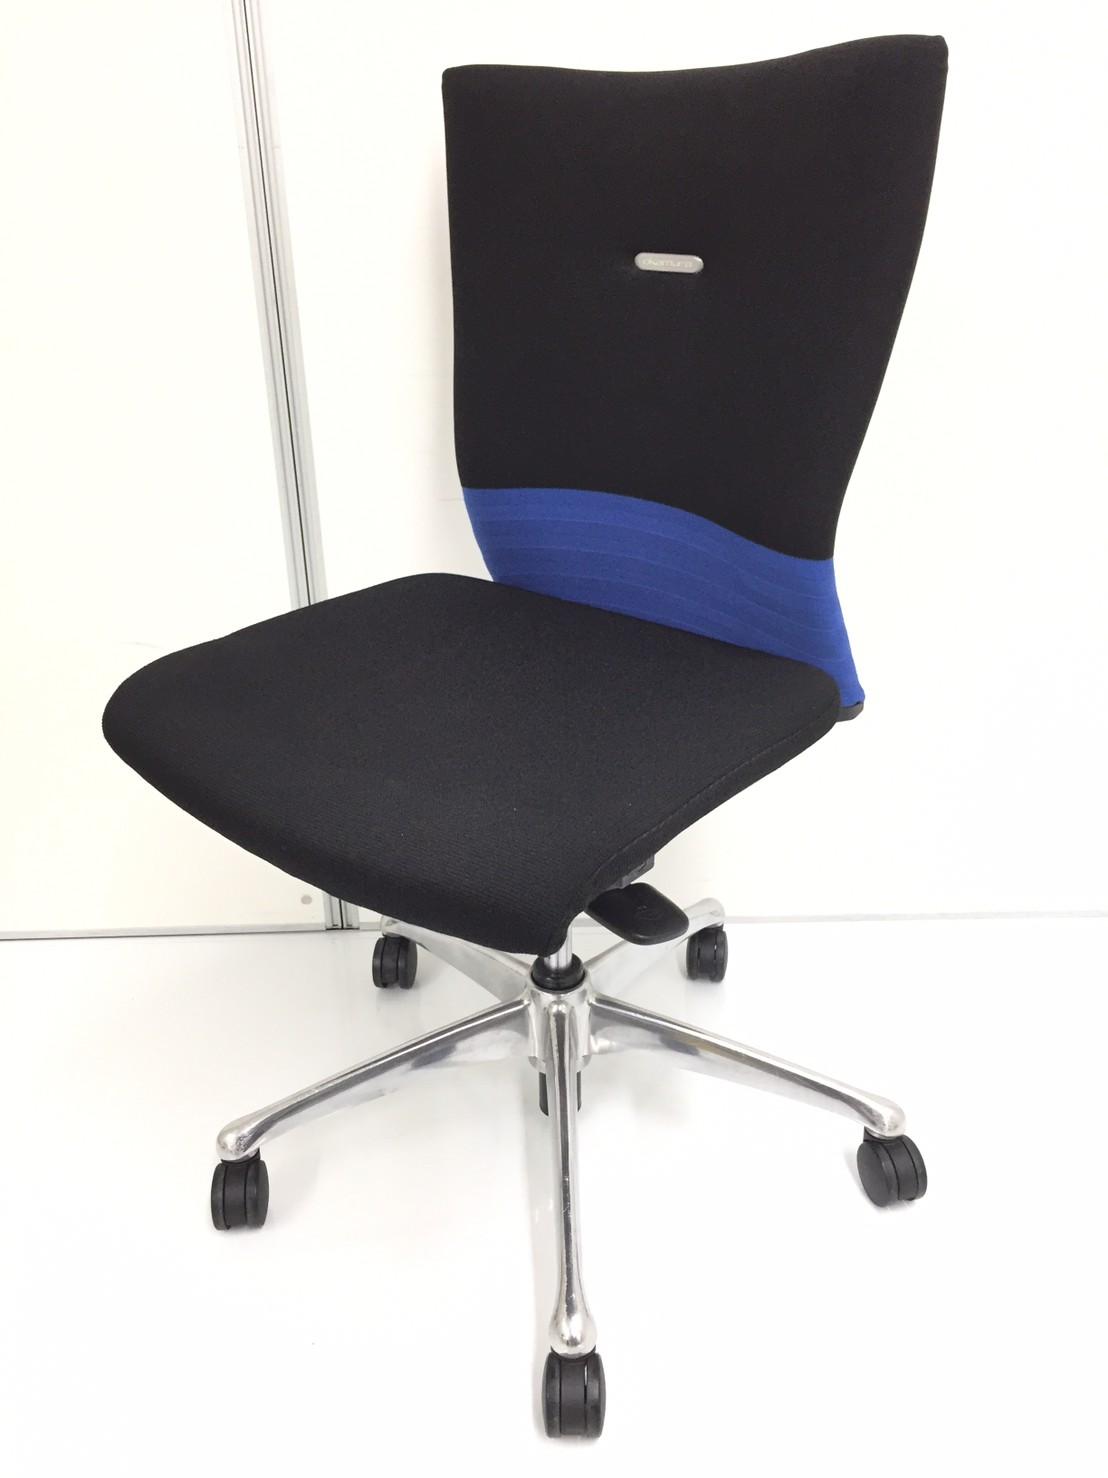 背もたれへの包み込む力がハンパナイ!椅子です。背もたれをしっかりと支えて欲しい方にお勧めです!